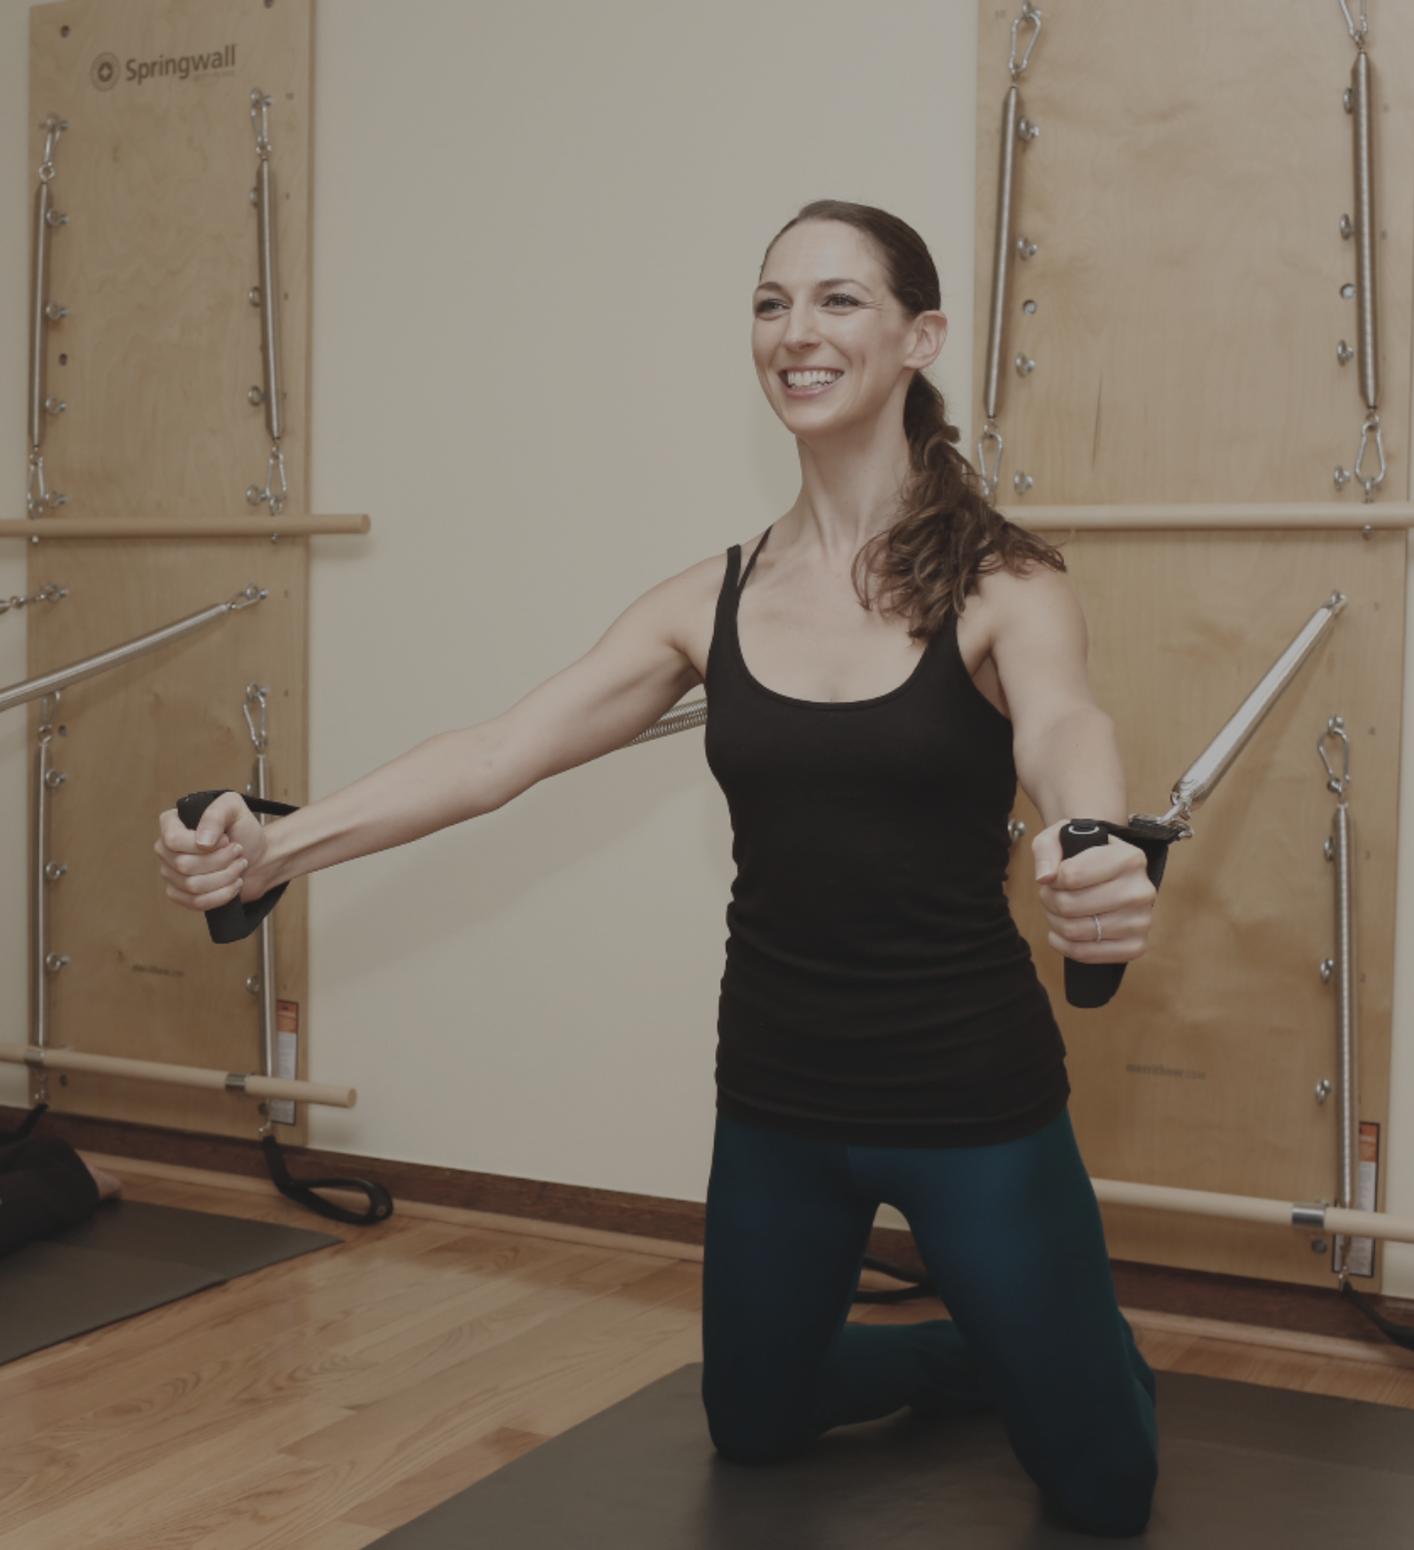 lauren-levine-postpartum-corrective-exercise-specialist-studio27